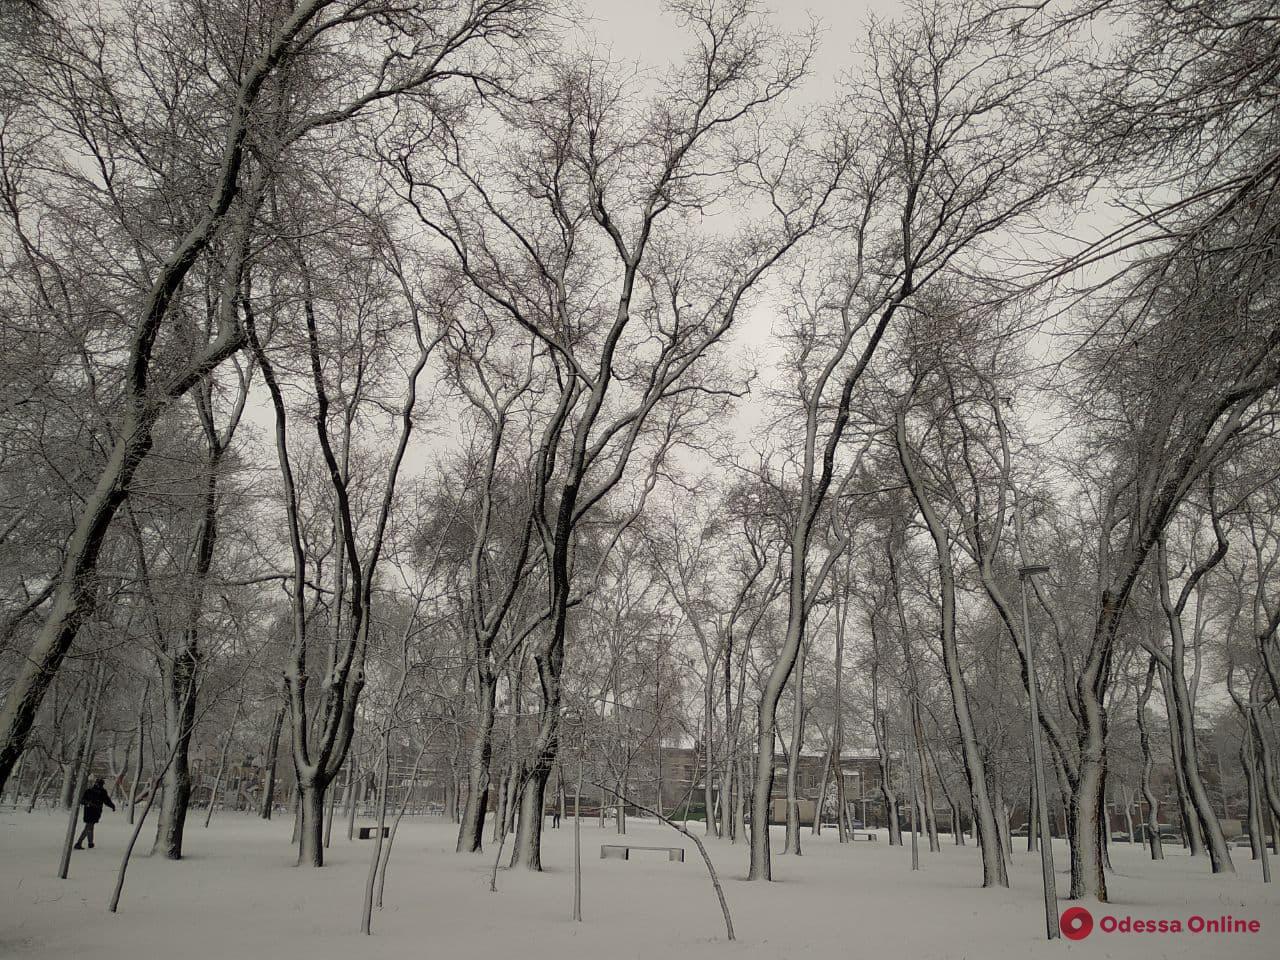 В ближайшие три часа в Одессе выпадет свыше месячной нормы снега (фото)